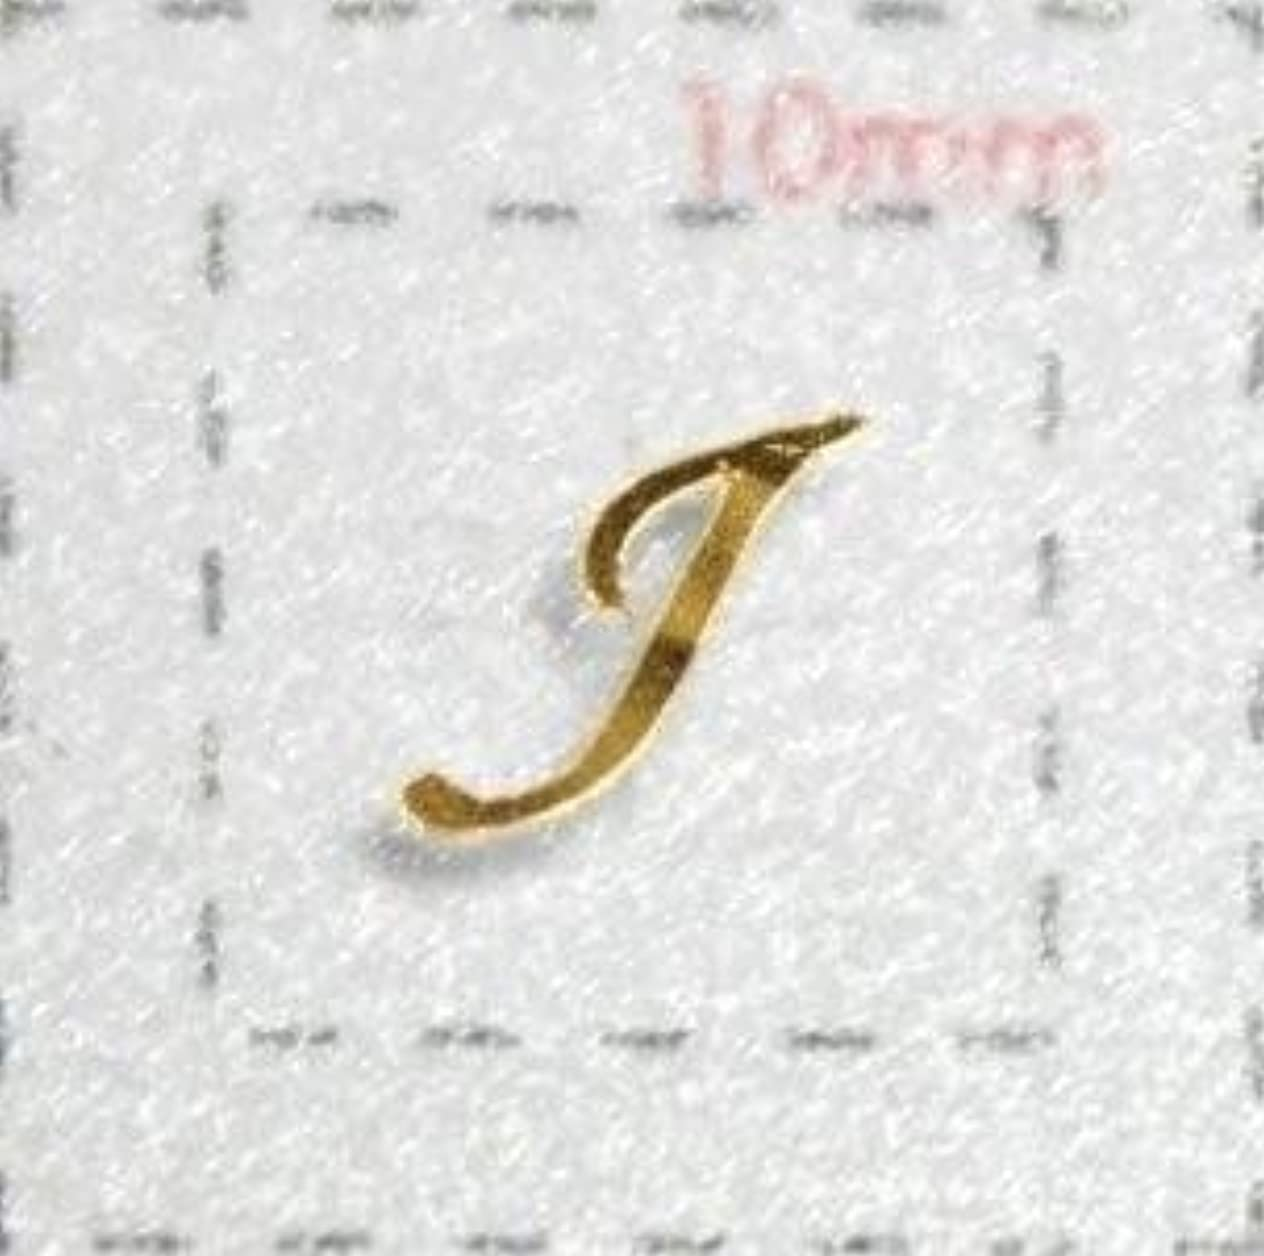 地球魔術補助Nameネイルシール【アルファベット?イニシャル】大文字ゴールド( I )1シート9枚入